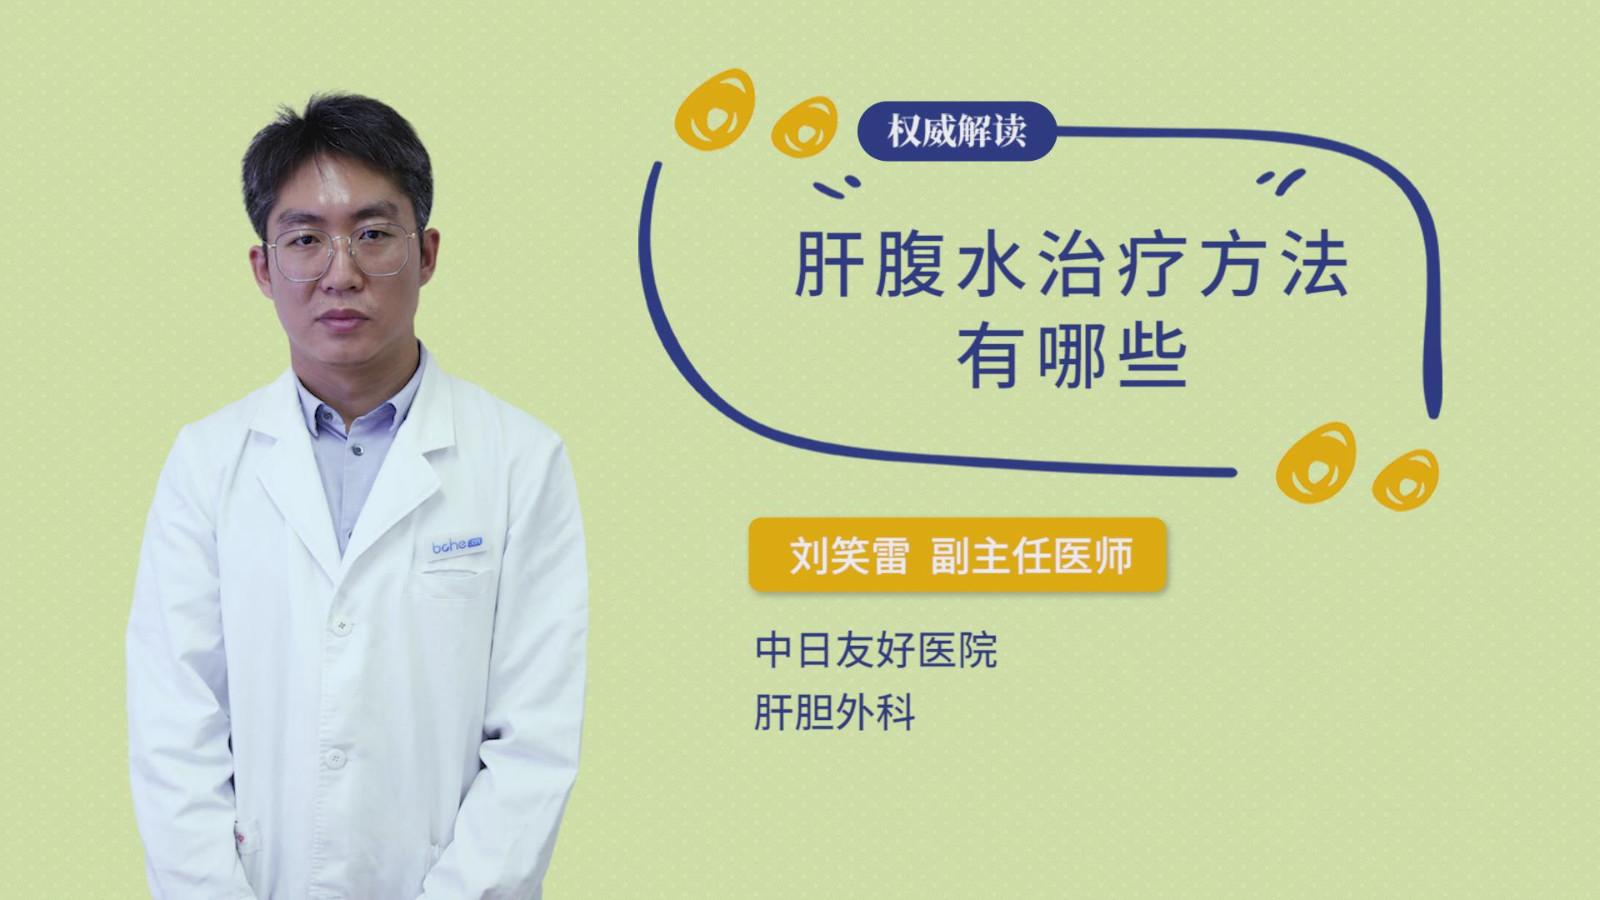 肝腹水治疗方法有哪些